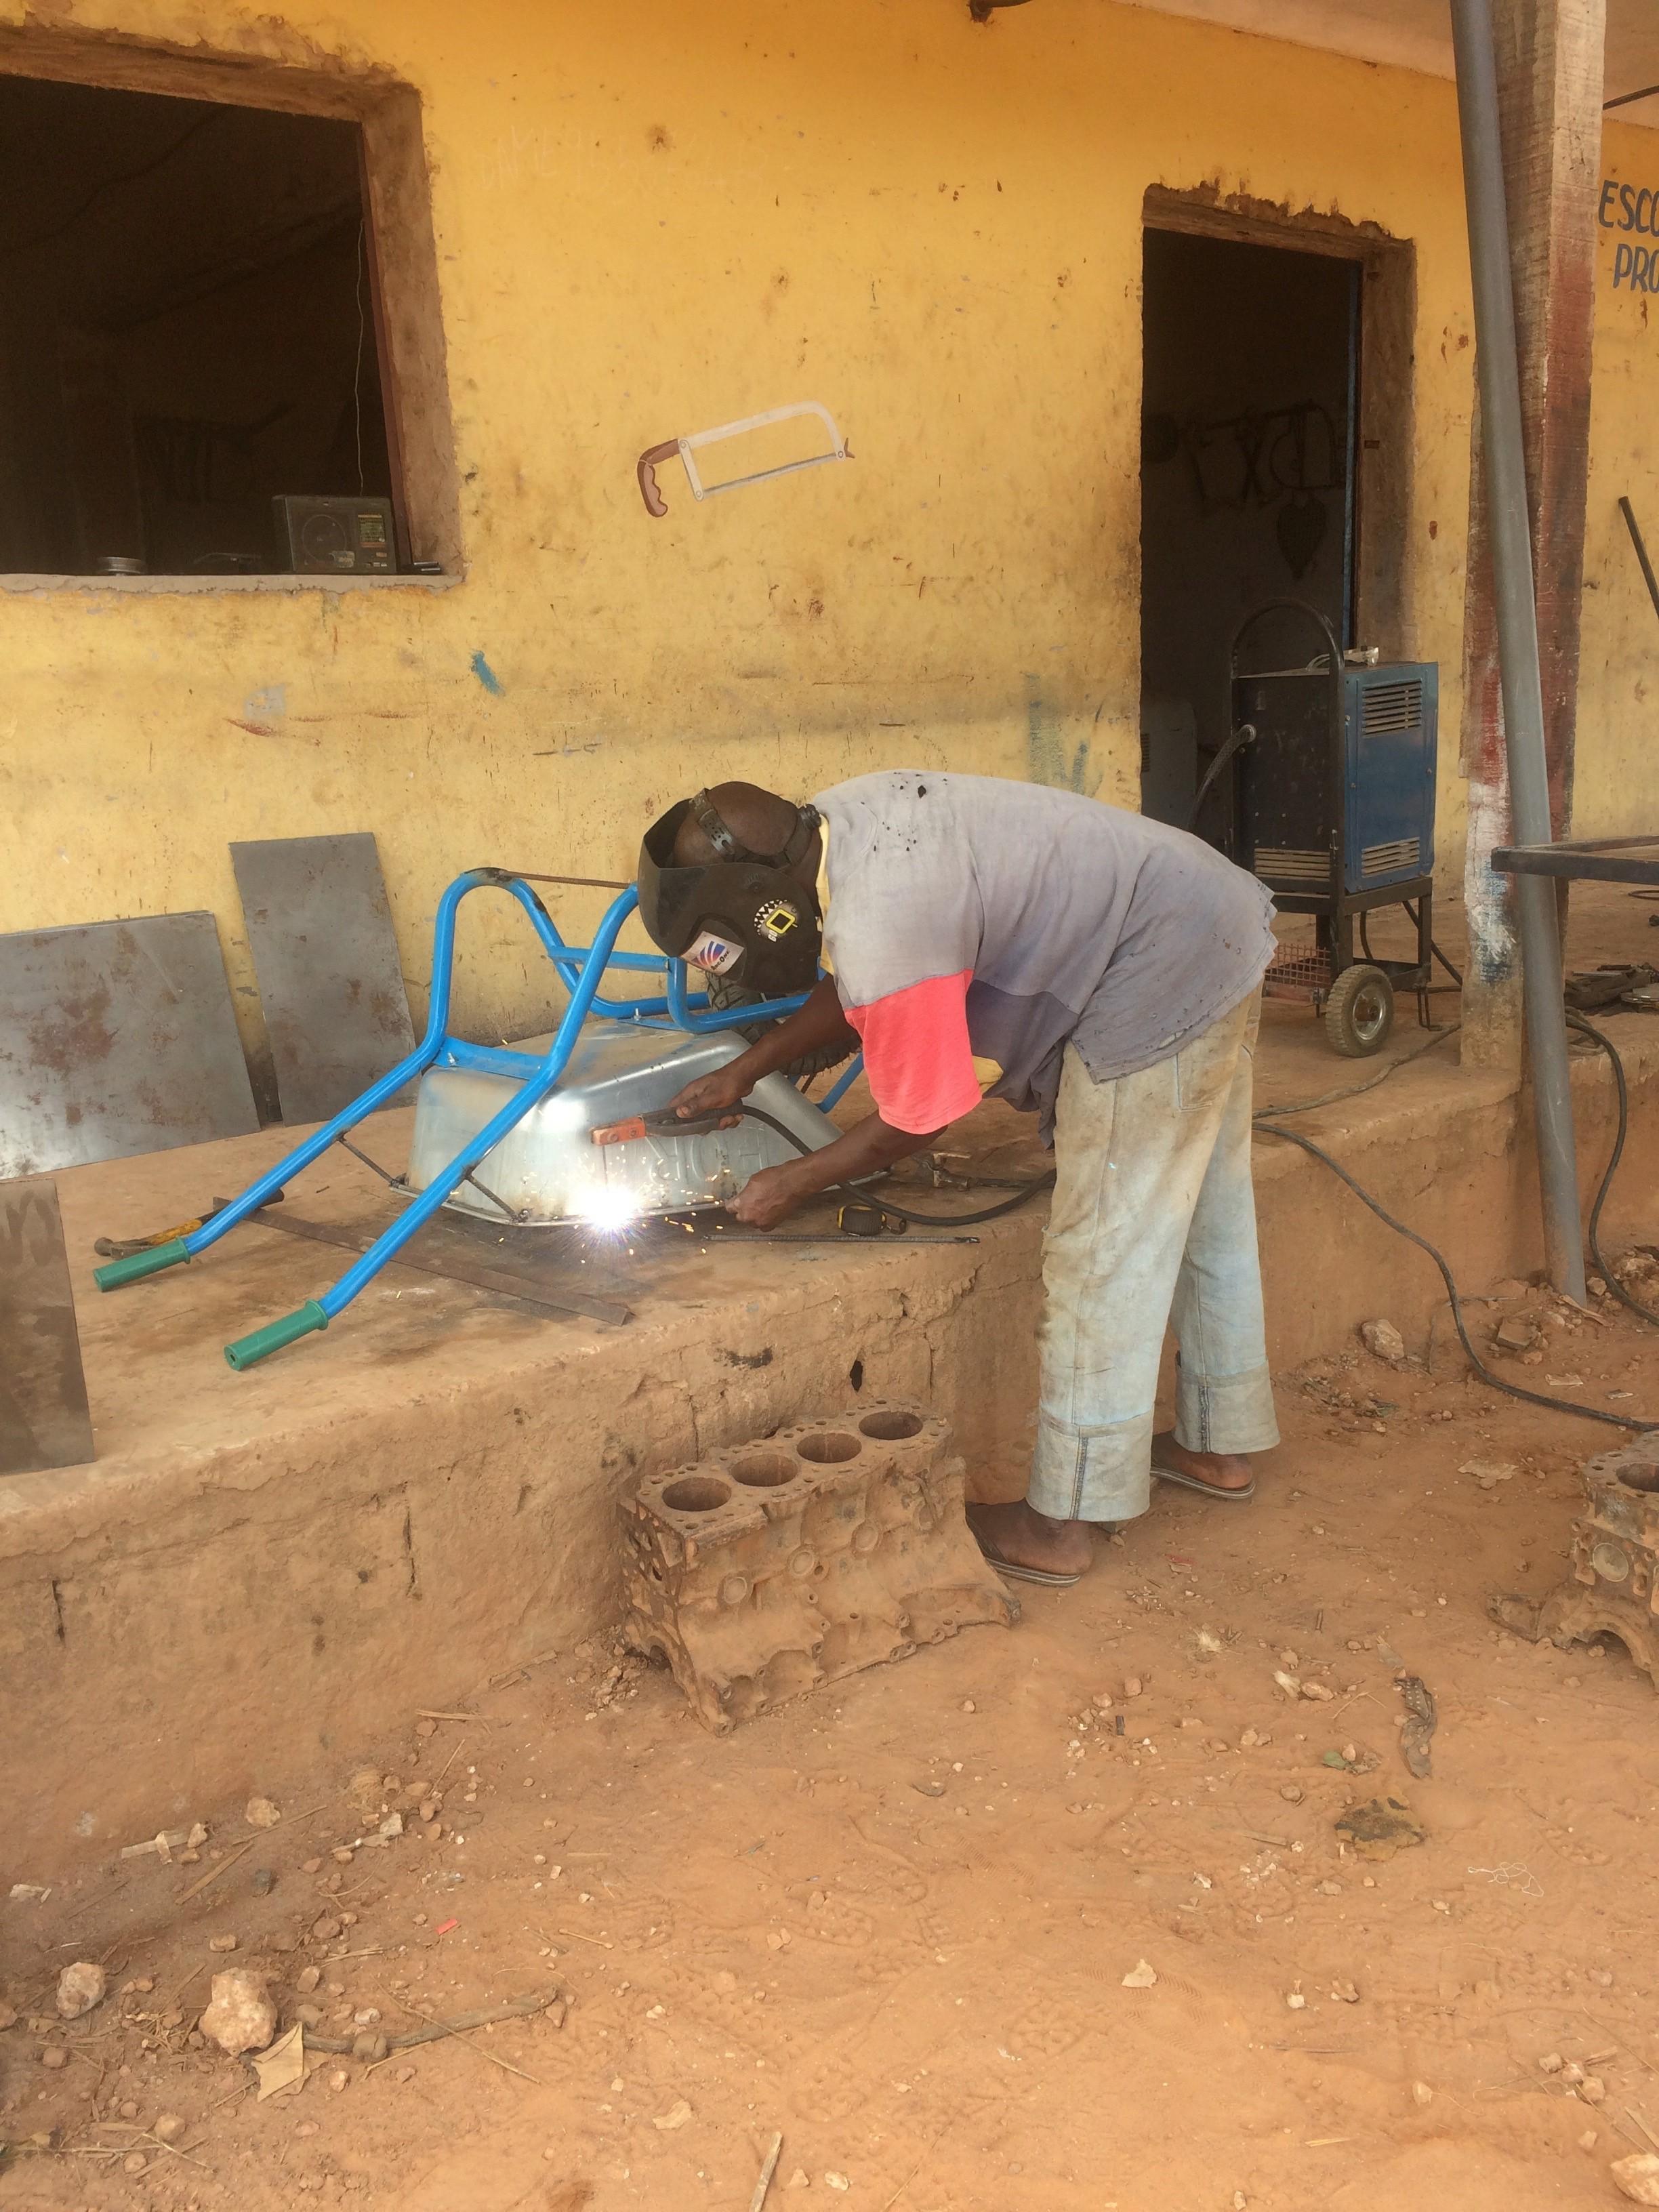 Welding a community member's wheelbarrow.